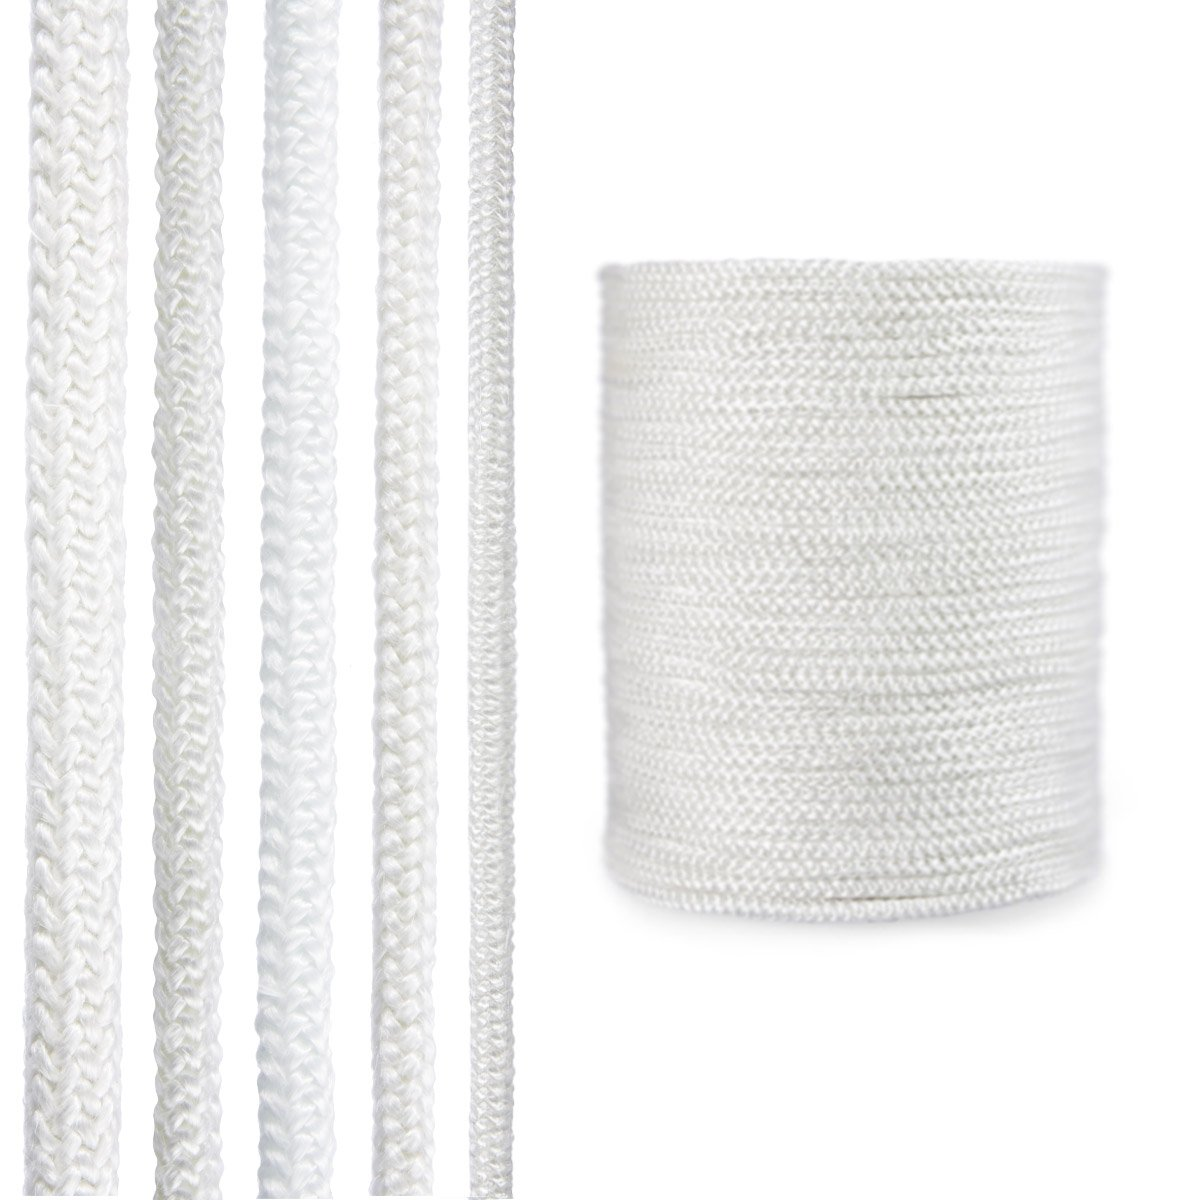 STEIGNER Cordó n de Fibra de Vidrio SKD02-10, 5 m, 10 mm, Blanco Sellador Resistente a Temperaturas hasta 550° C Blanco Sellador Resistente a Temperaturas hasta 550°C